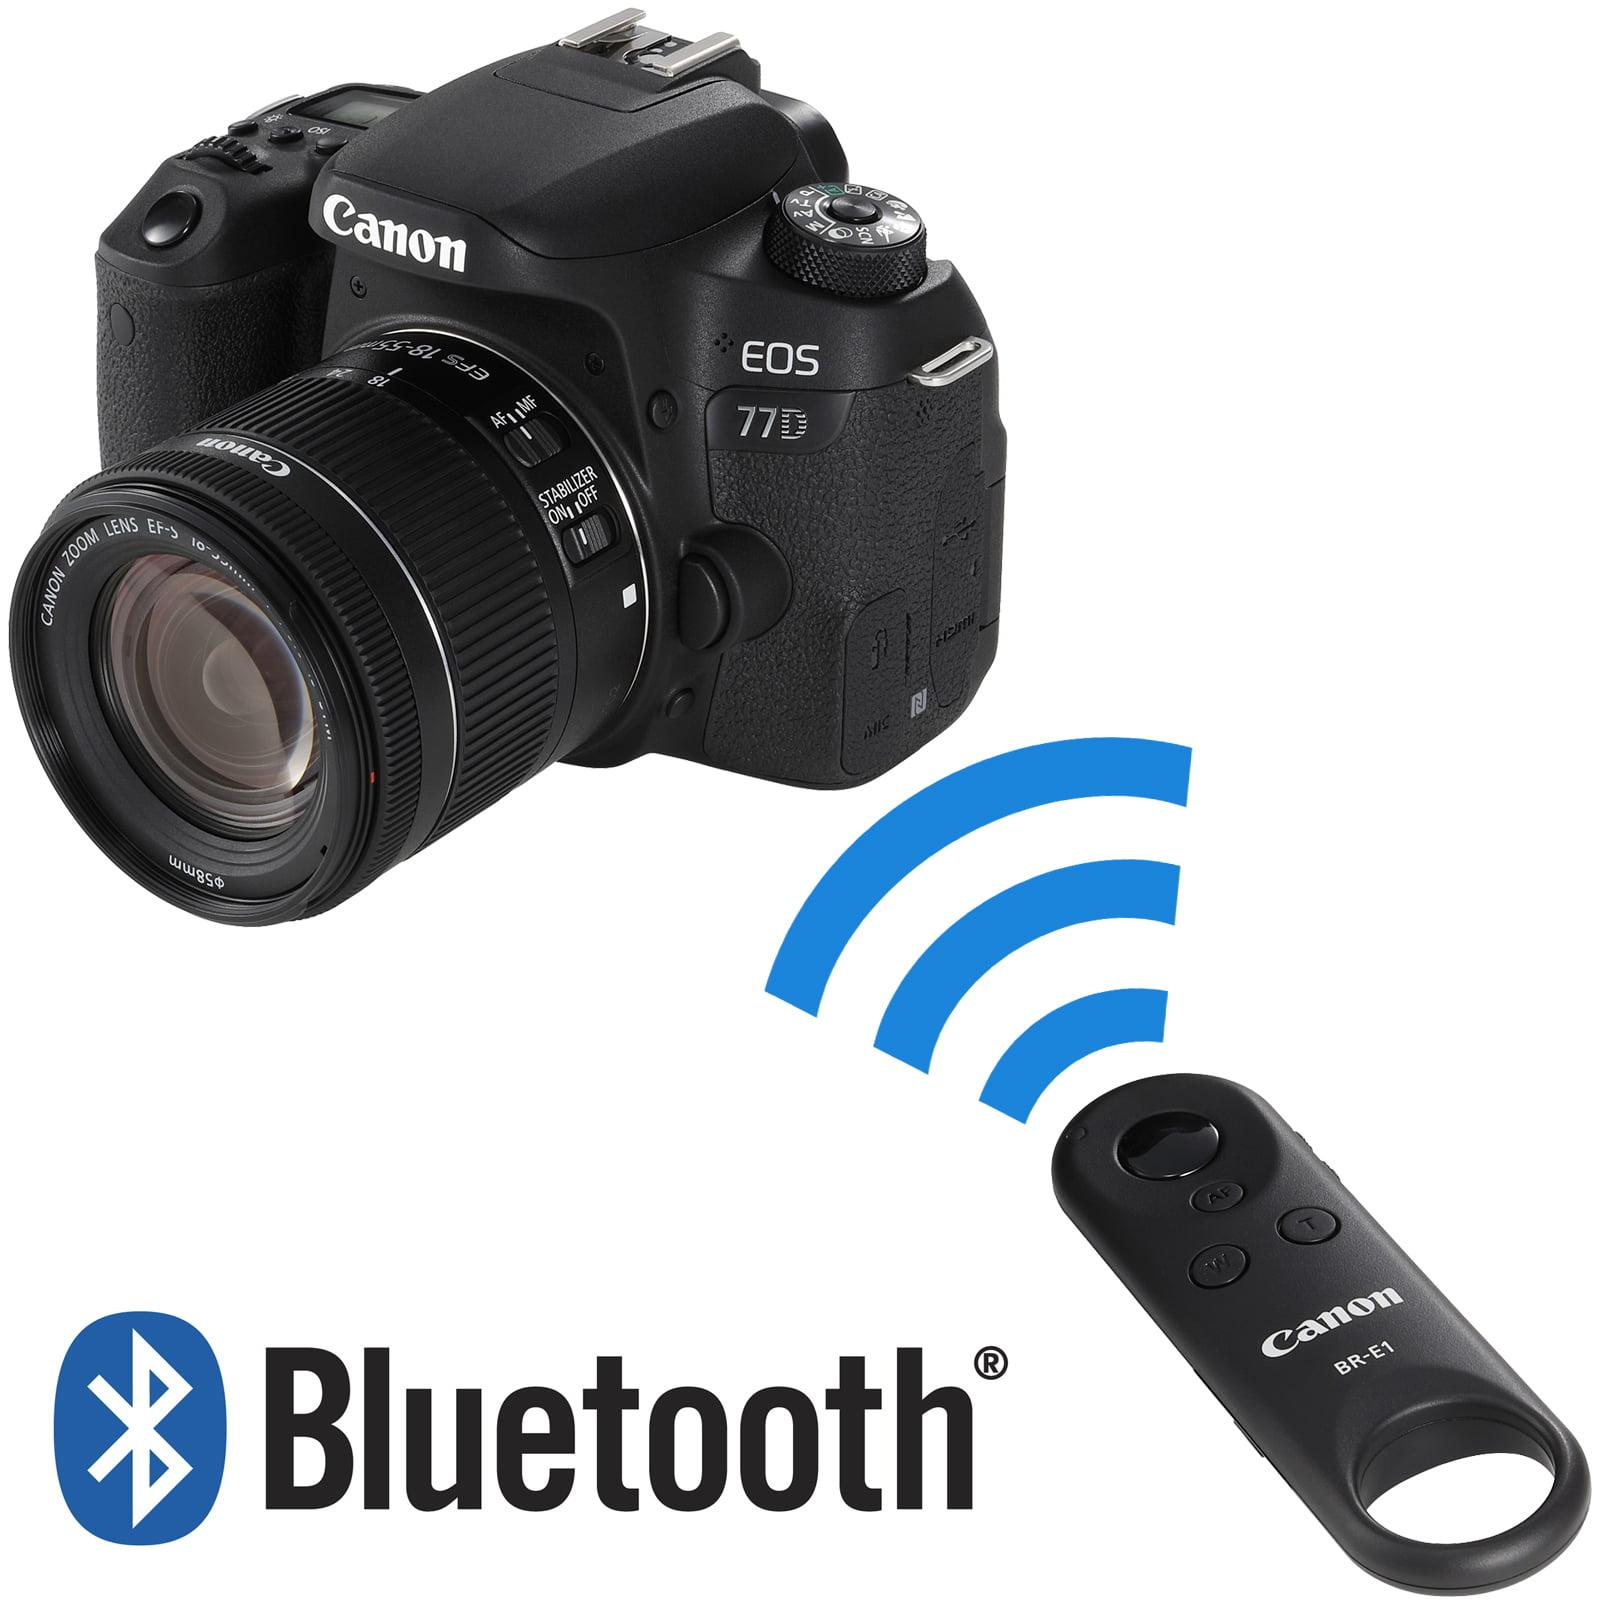 Canon BR-E1 Wireless Bluetooth Remote Control for Rebel T7i & EOS 77D  Cameras